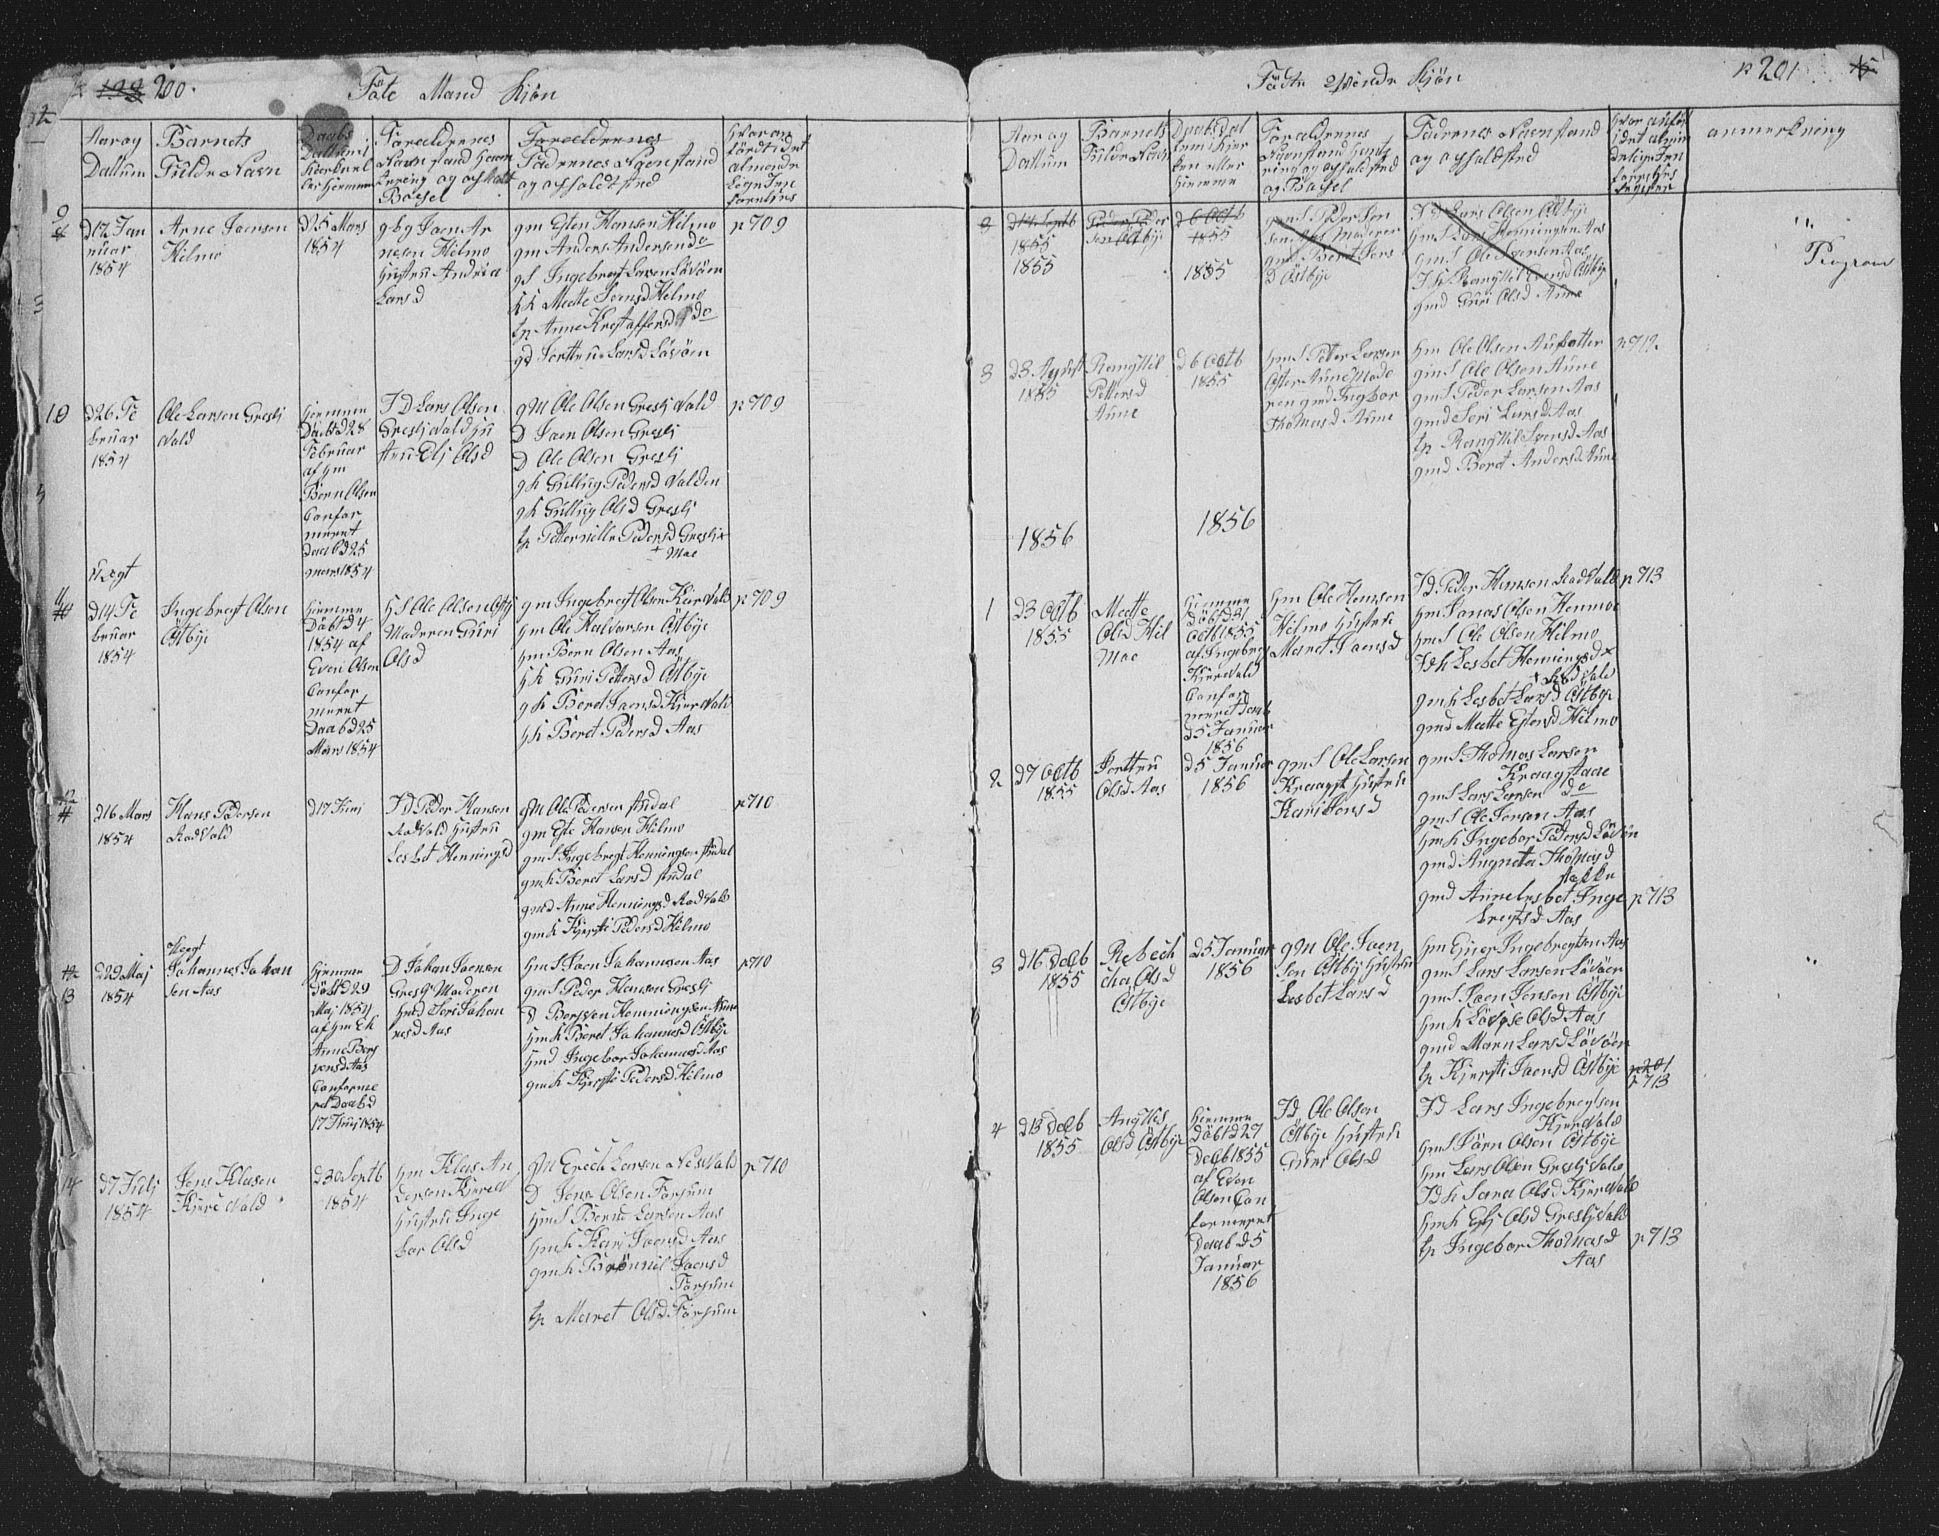 SAT, Ministerialprotokoller, klokkerbøker og fødselsregistre - Sør-Trøndelag, 698/L1165: Klokkerbok nr. 698C02, 1851-1861, s. 200-201